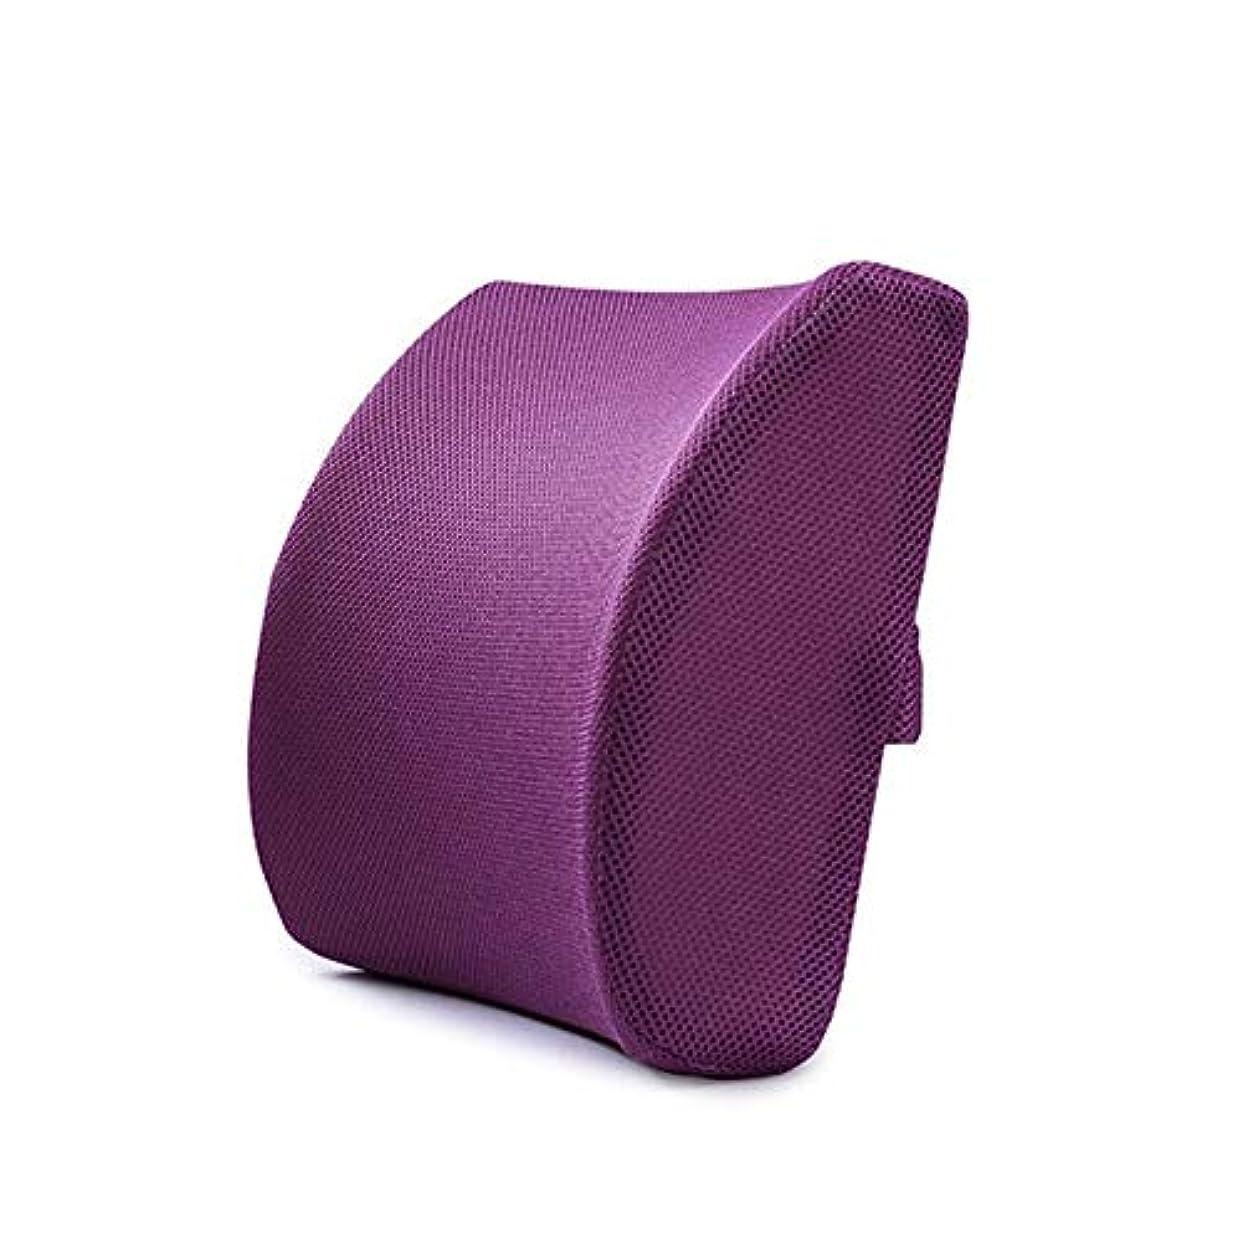 海嶺メロン自動的にLIFE ホームオフィス背もたれ椅子腰椎クッションカーシートネック枕 3D 低反発サポートバックマッサージウエストレスリビング枕 クッション 椅子